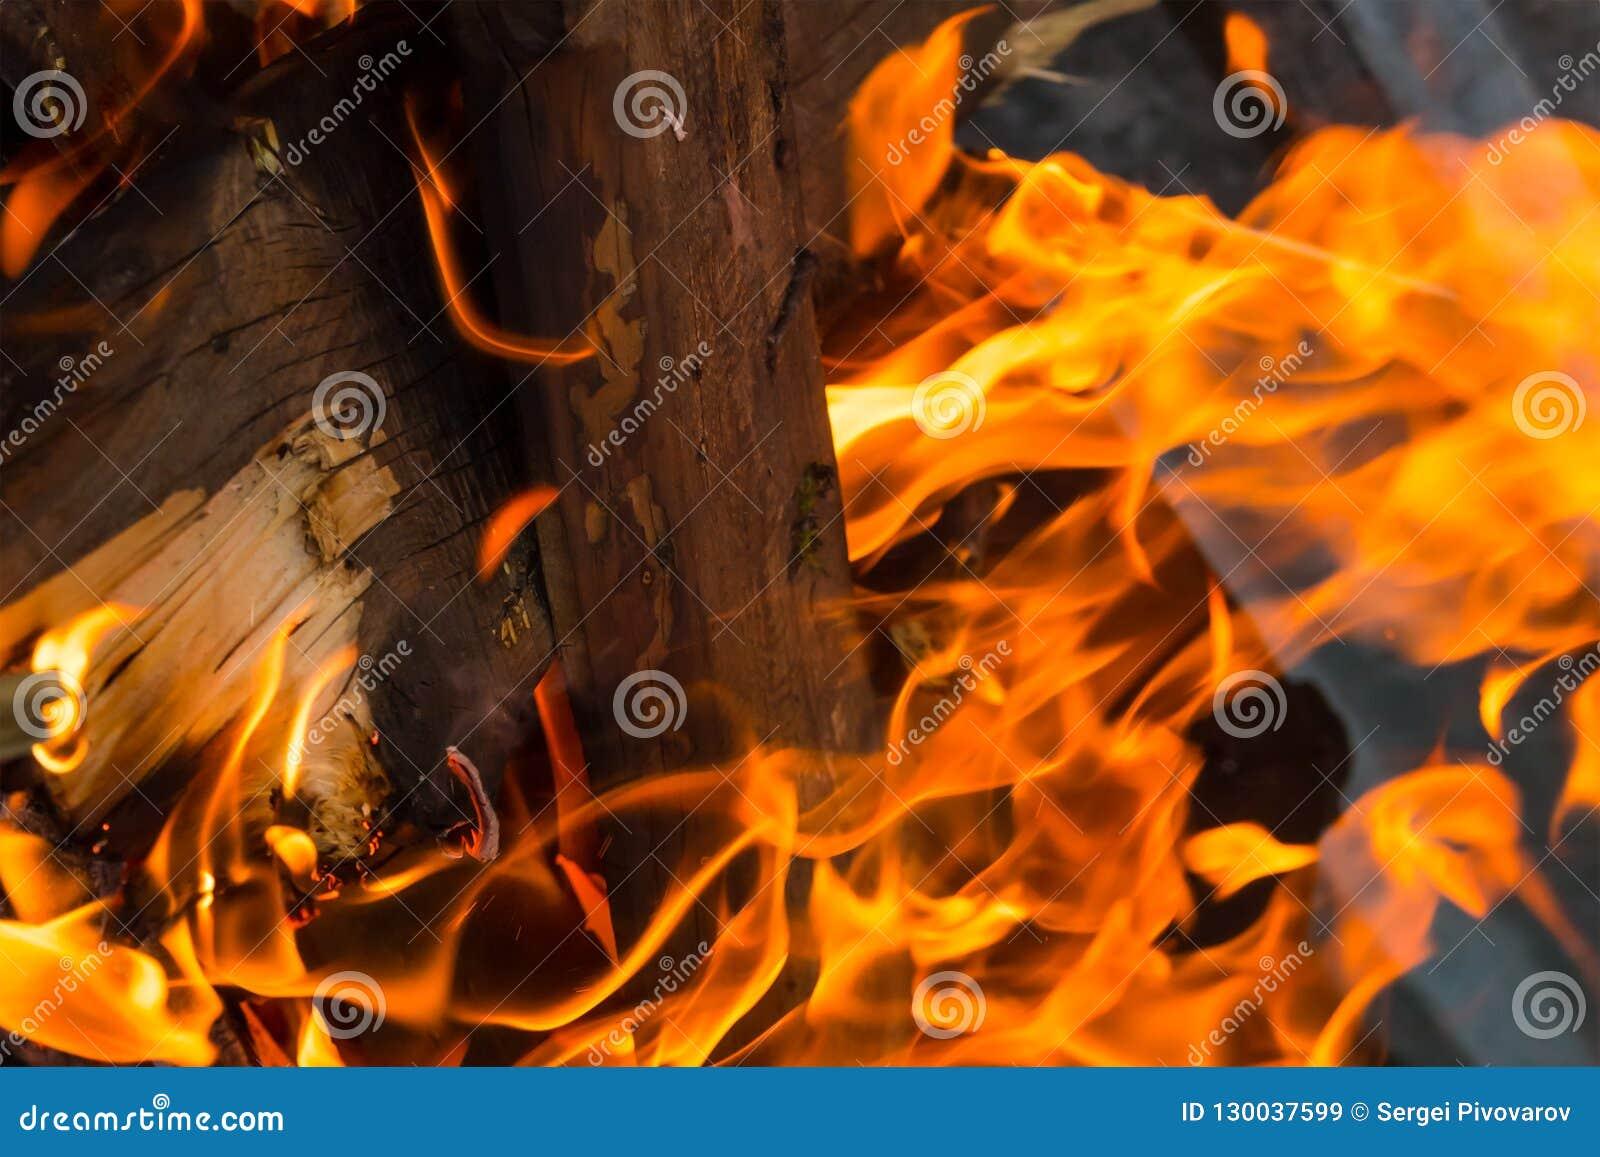 Projeto vertical de queimadura do log do fundo do close-up da textura do fogo brilhante com as faíscas das línguas longas